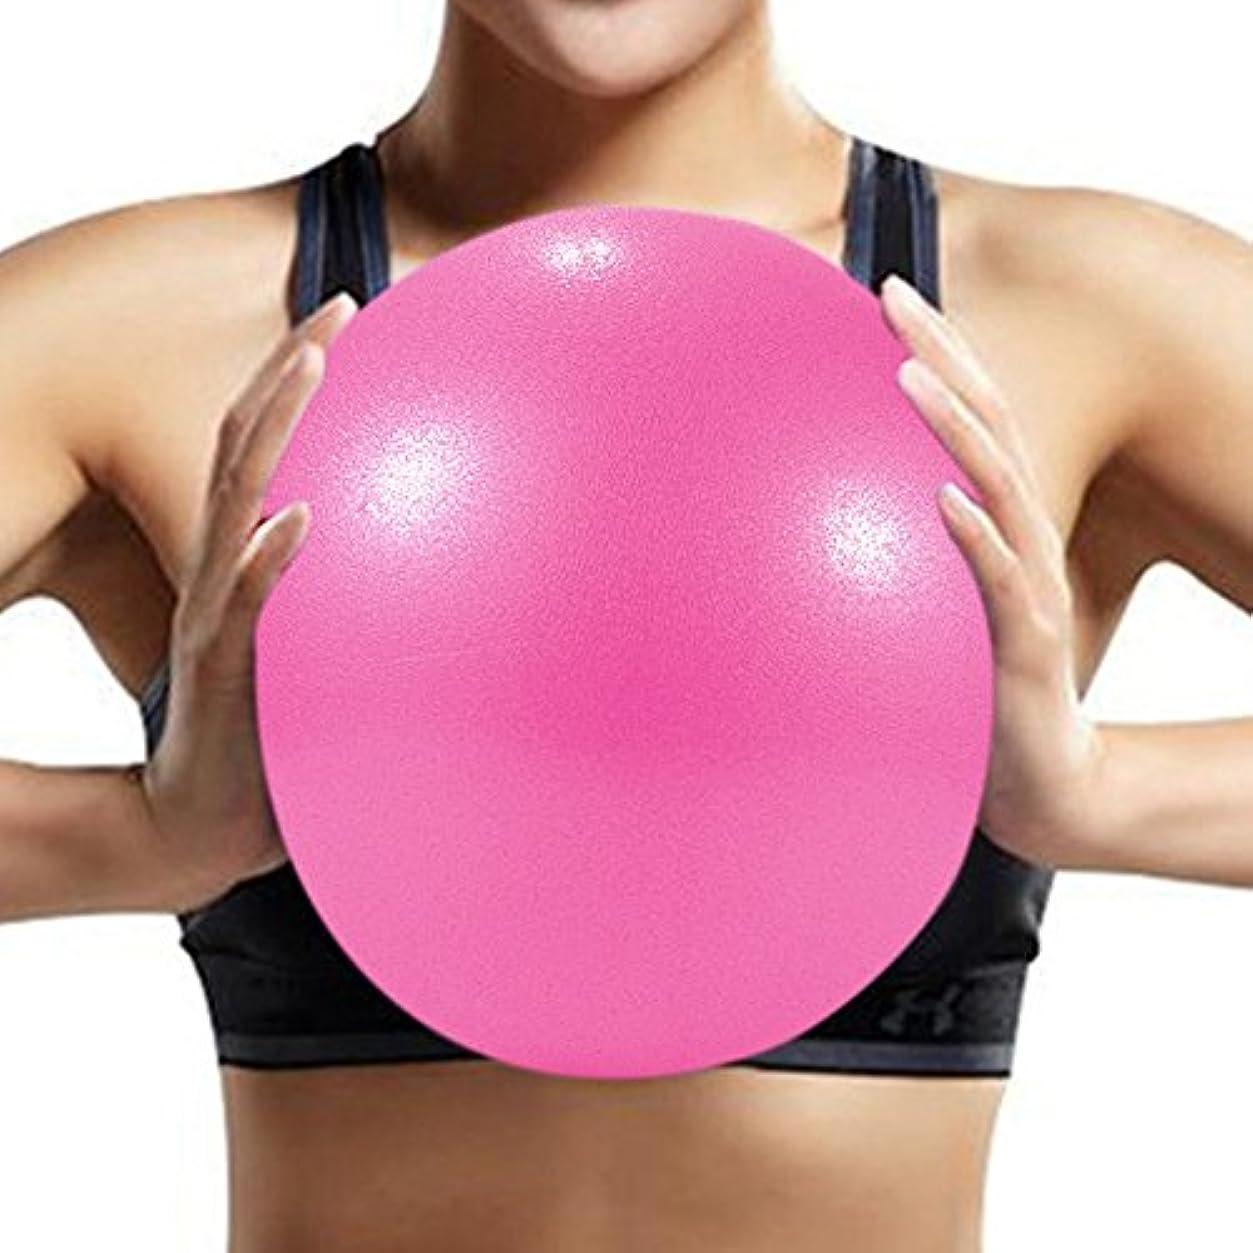 Refaxi ピンクヨガマッサージボール25cmエクササイズピラティスバランス体操練習フィットネスボール